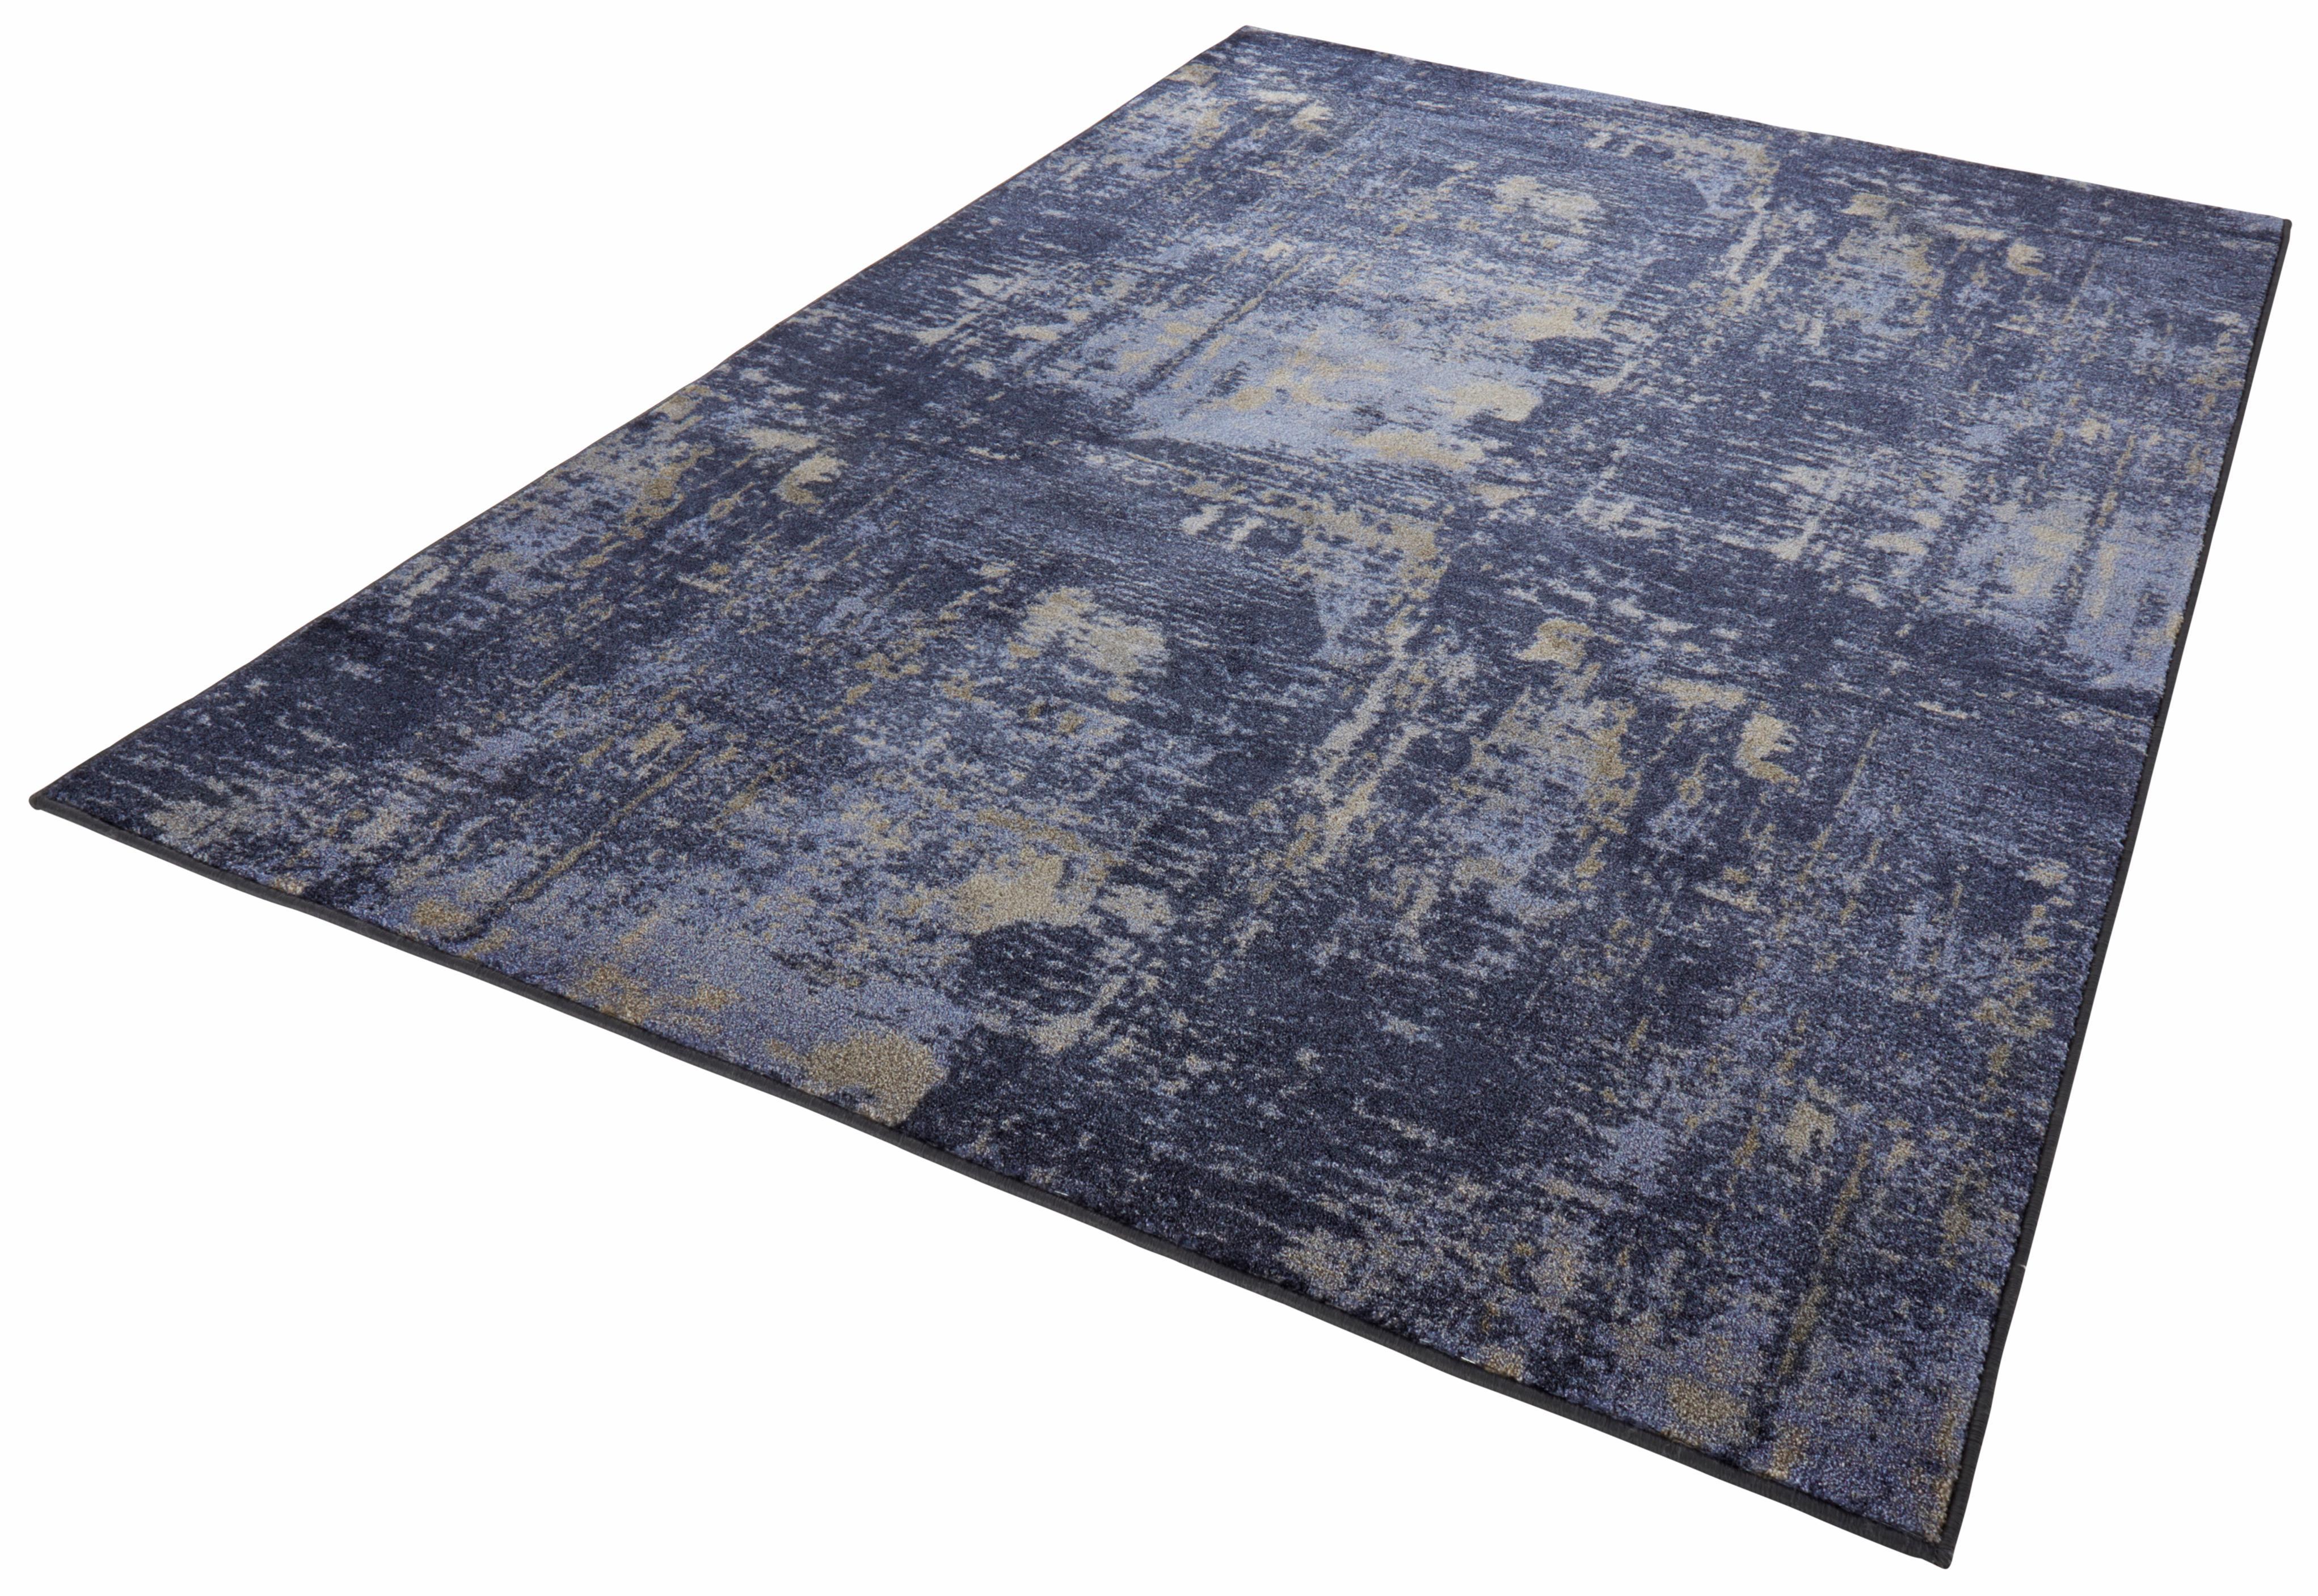 Teppich Golden Gate MINT RUGS rechteckig Höhe 10 mm maschinell gewebt